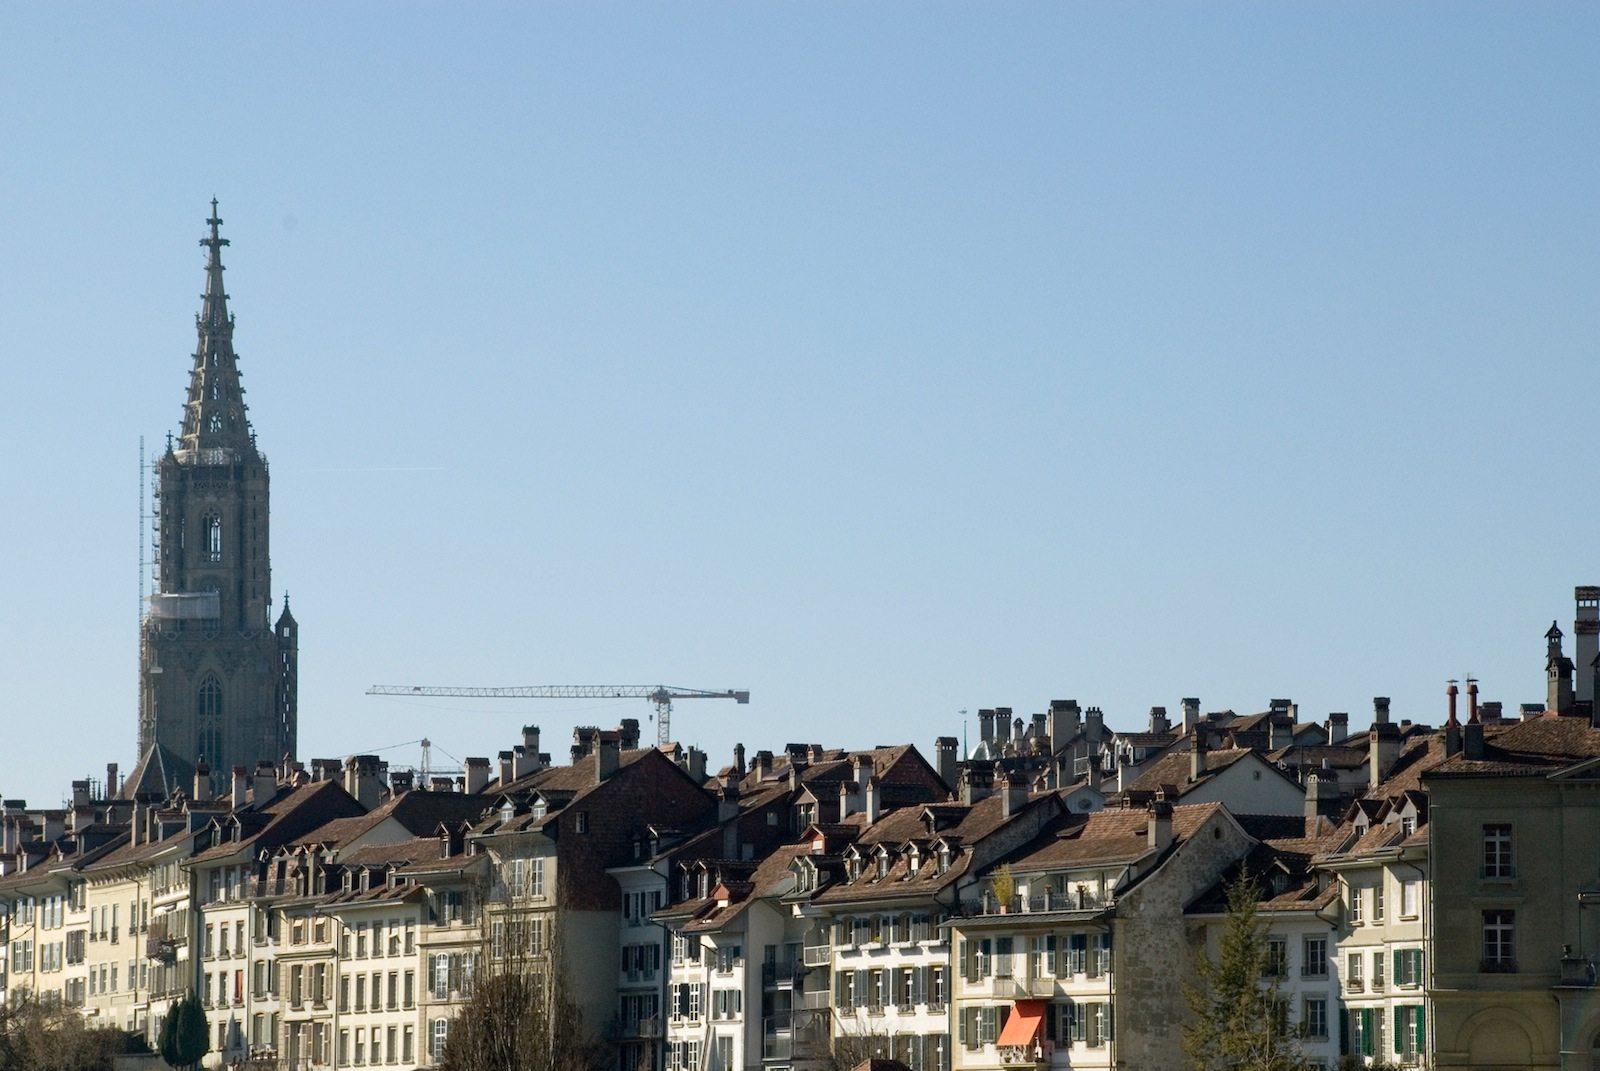 Aufstrebend. Der hochaufragende Turm des spätgotischen Münsters. Charakterisch: die dreischiffige Basilika mit dem hohen Gewölbe und dem Strebewerk.